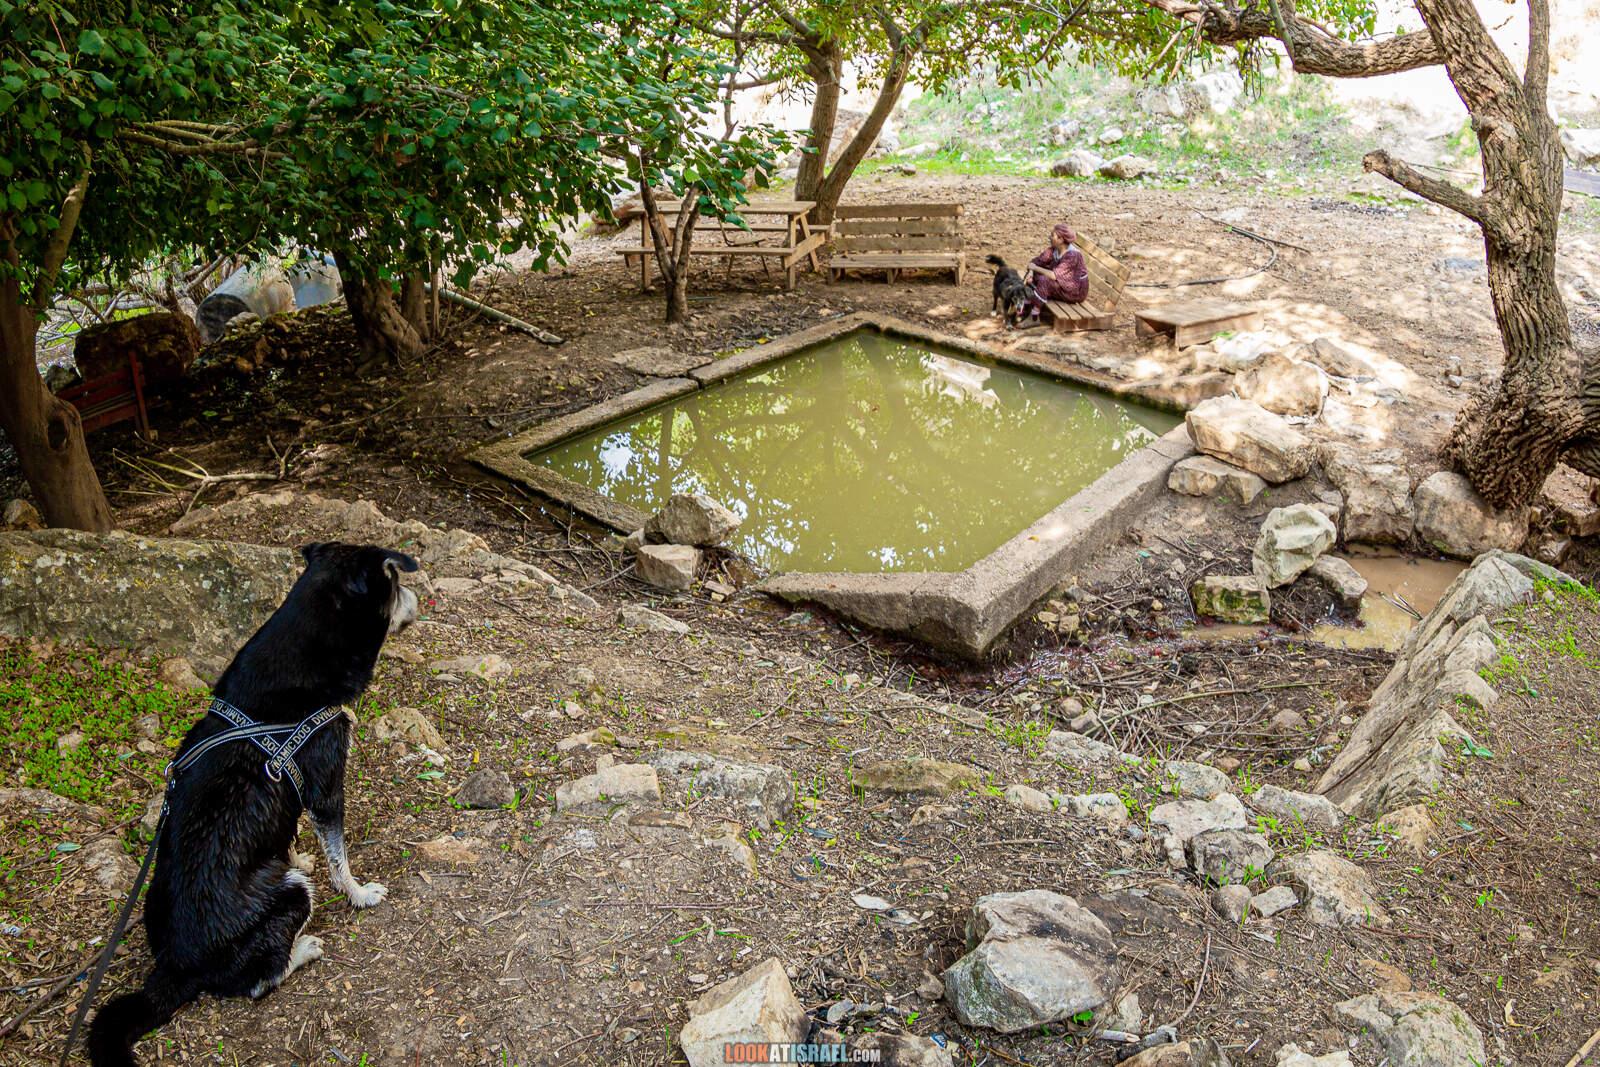 Поход по родникам в Гуш Эцион | LookAtIsrael.com - Фото путешествия по Израилю